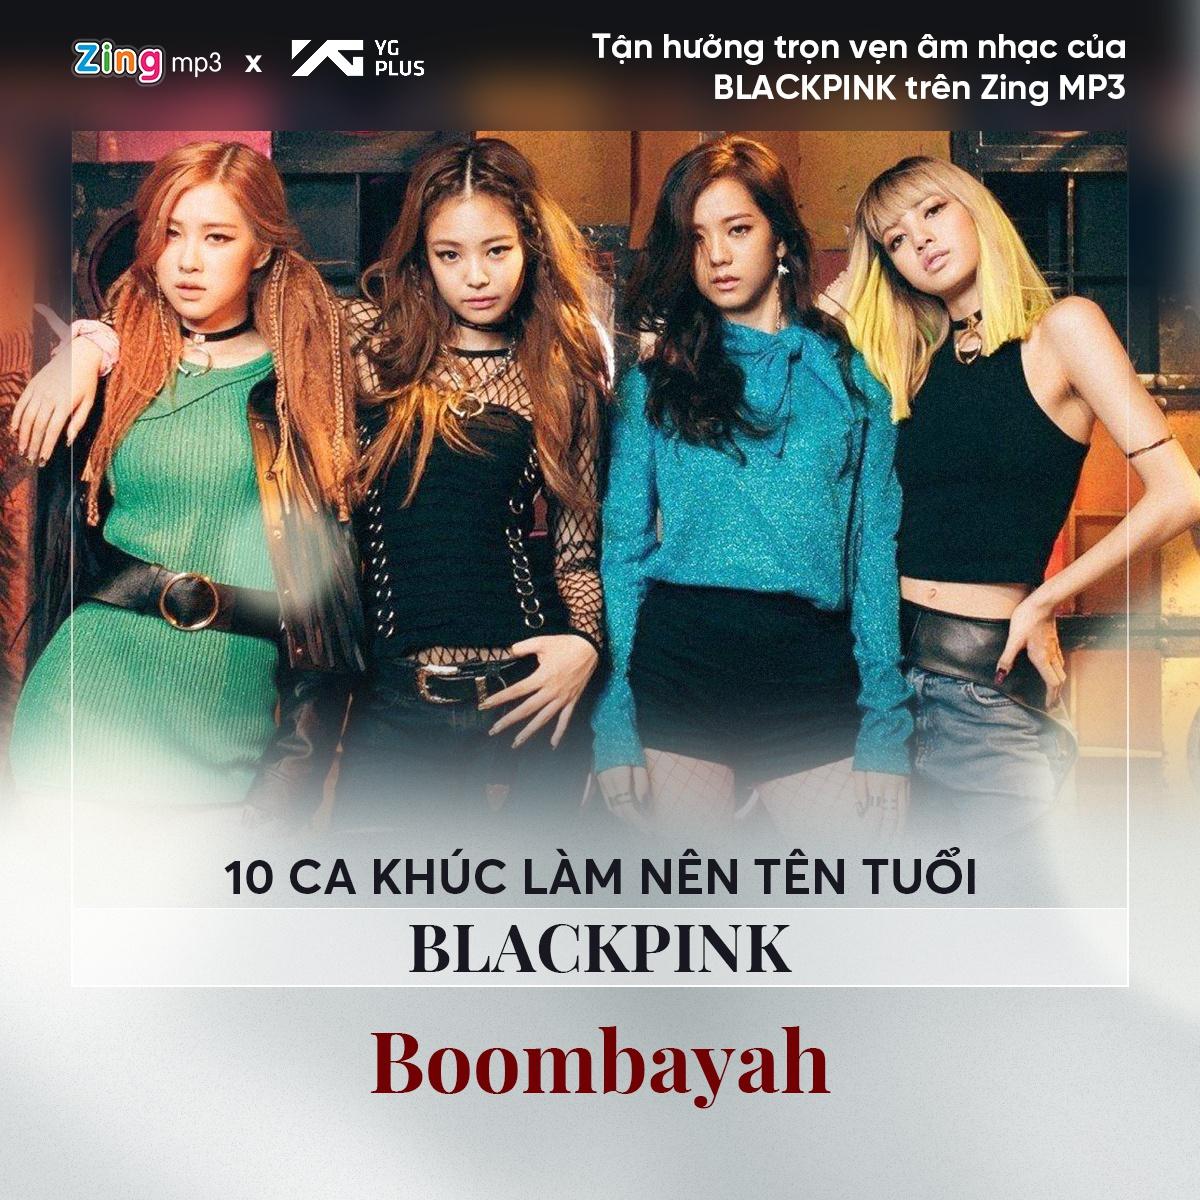 10 bản hit đưa BlackPink thành nhóm nhạc hàng đầu Kpop